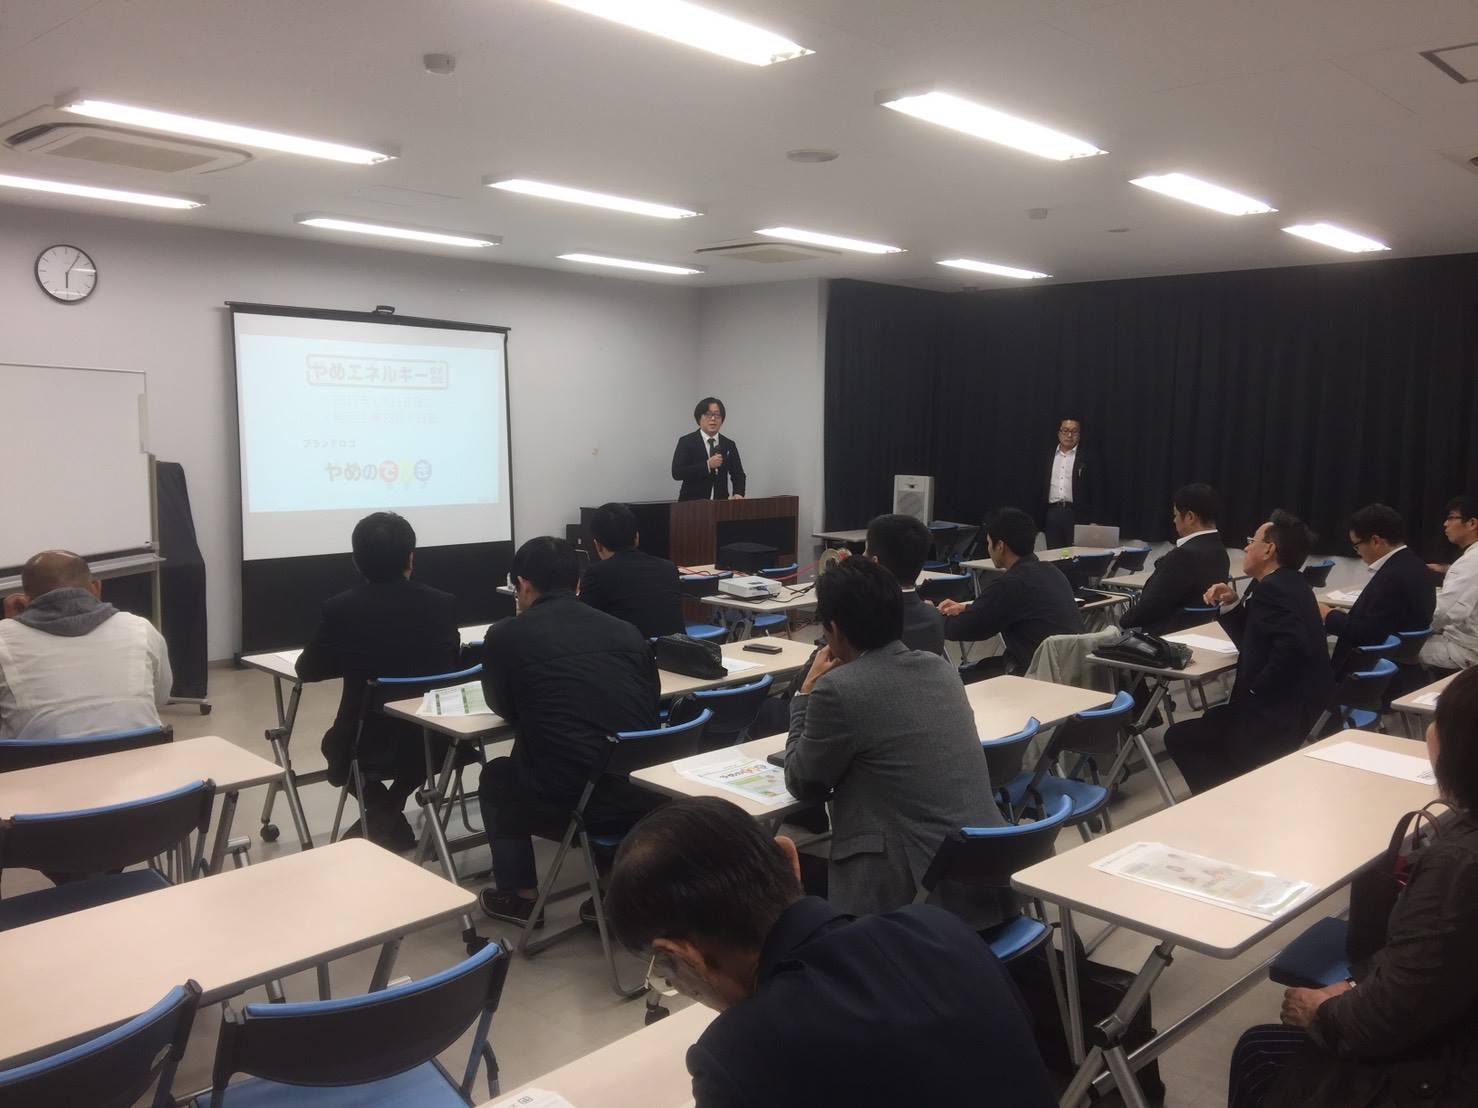 「第1回 やめエネルギー株式会社株主報告会」を開催いたしました。